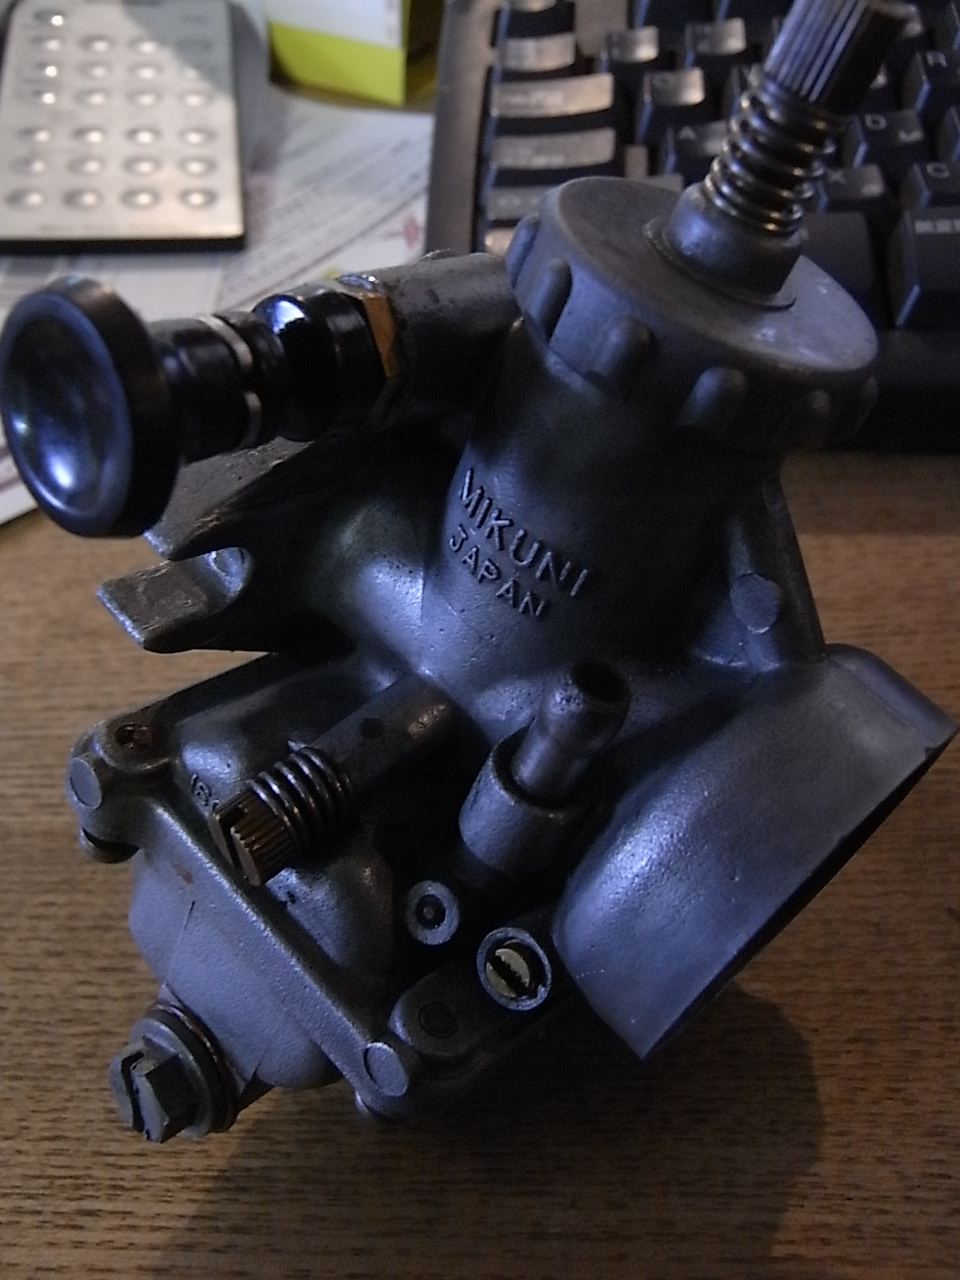 RIMG3673.JPG 960×1280 349K